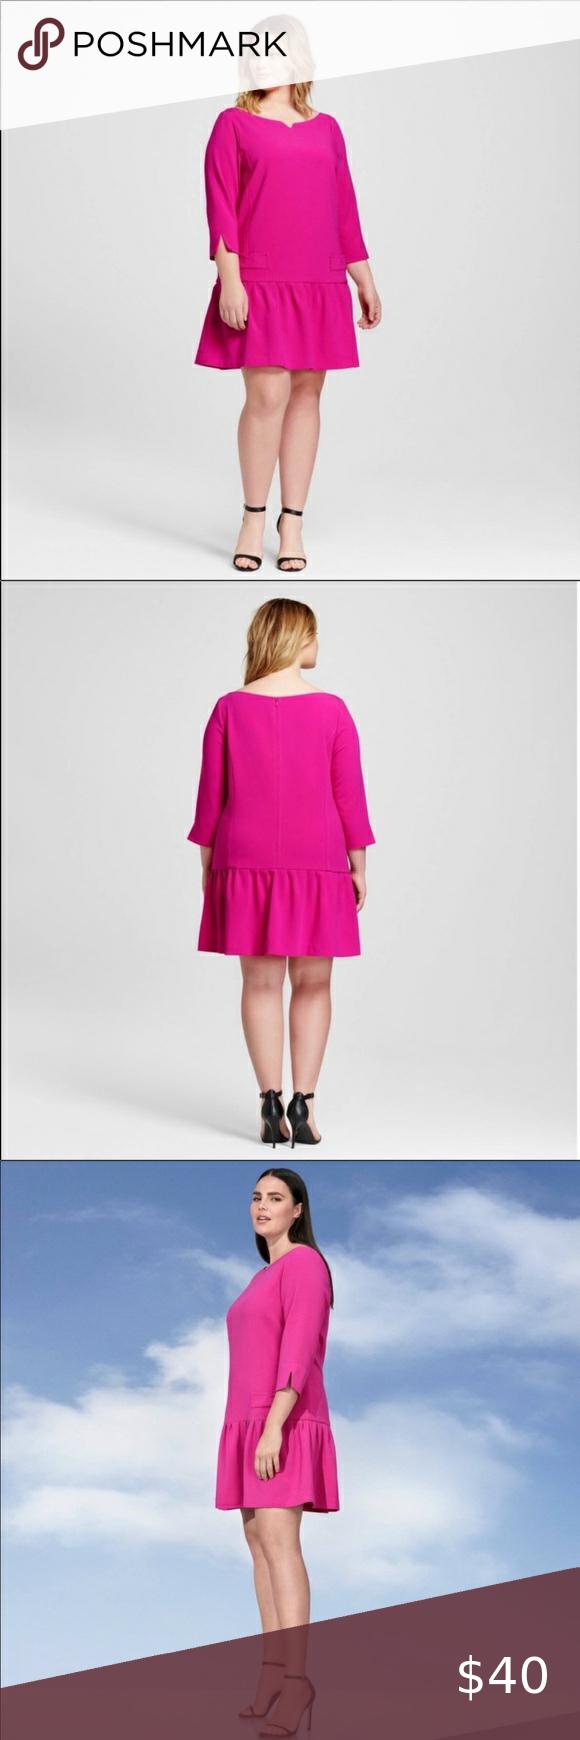 Nwt Victoria Beckham For Target Hot Pink Dress 2x Hot Pink Dresses Dresses 2x Victoria Beckham Target [ 1740 x 580 Pixel ]